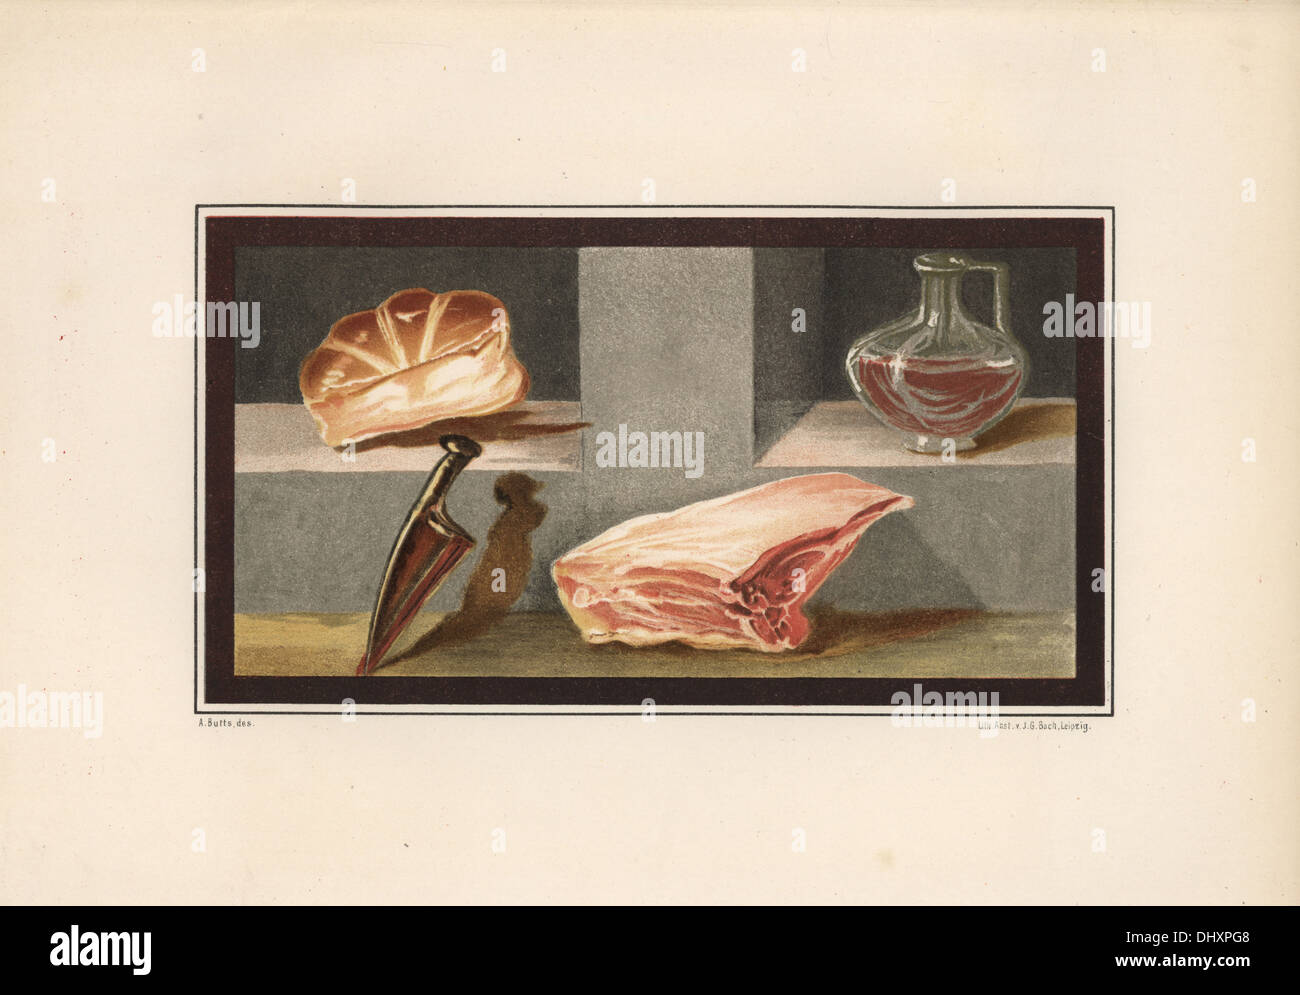 Malerei von Stillleben zeigen, Fleisch, Wein, Brot und ein Messer aus der Ala im Haus 16, Regio IX, Insula V. Stockbild